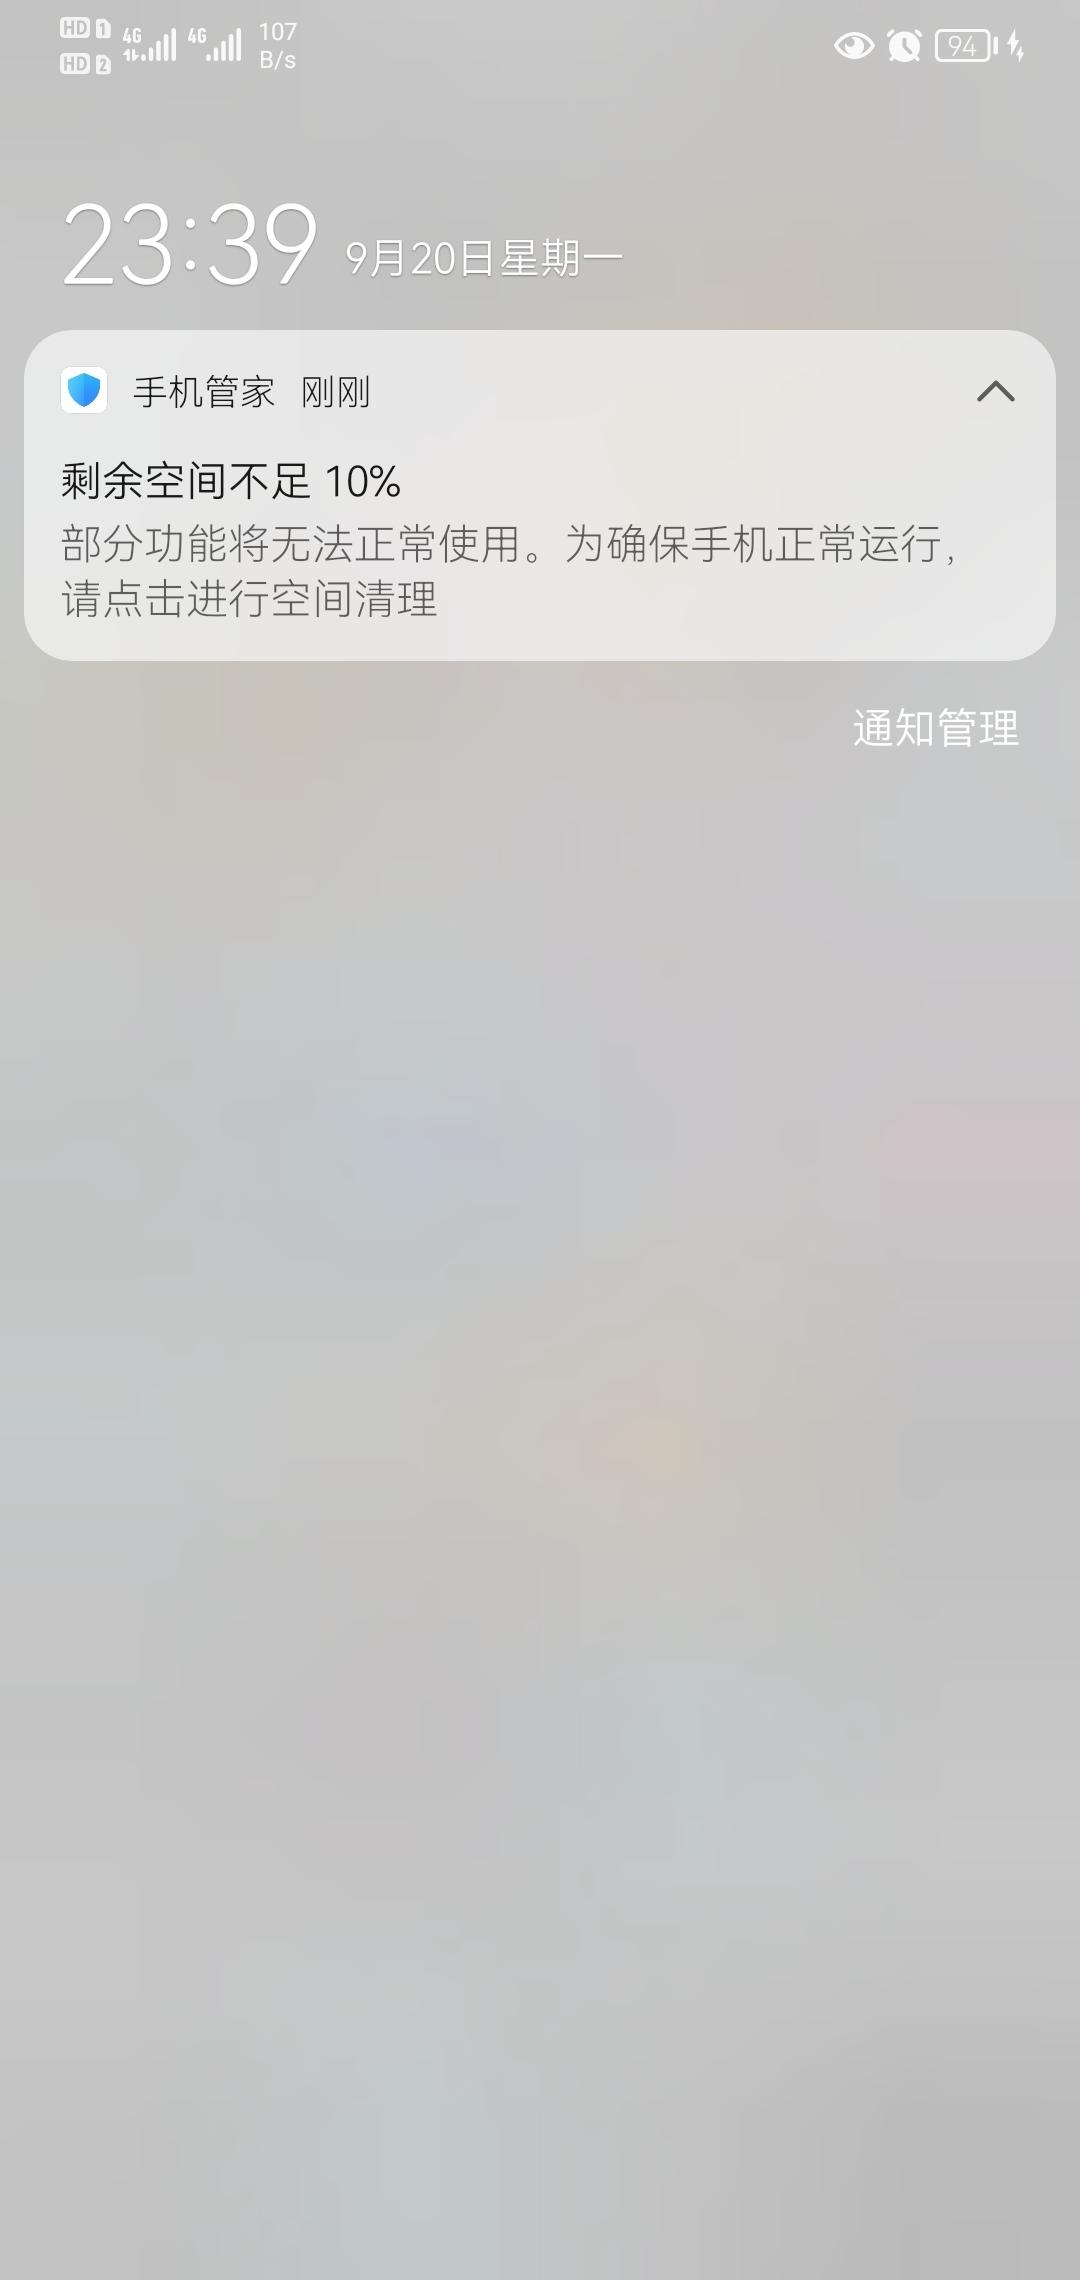 Screenshot_20210920_233945_com.huawei.android.launcher.jpg